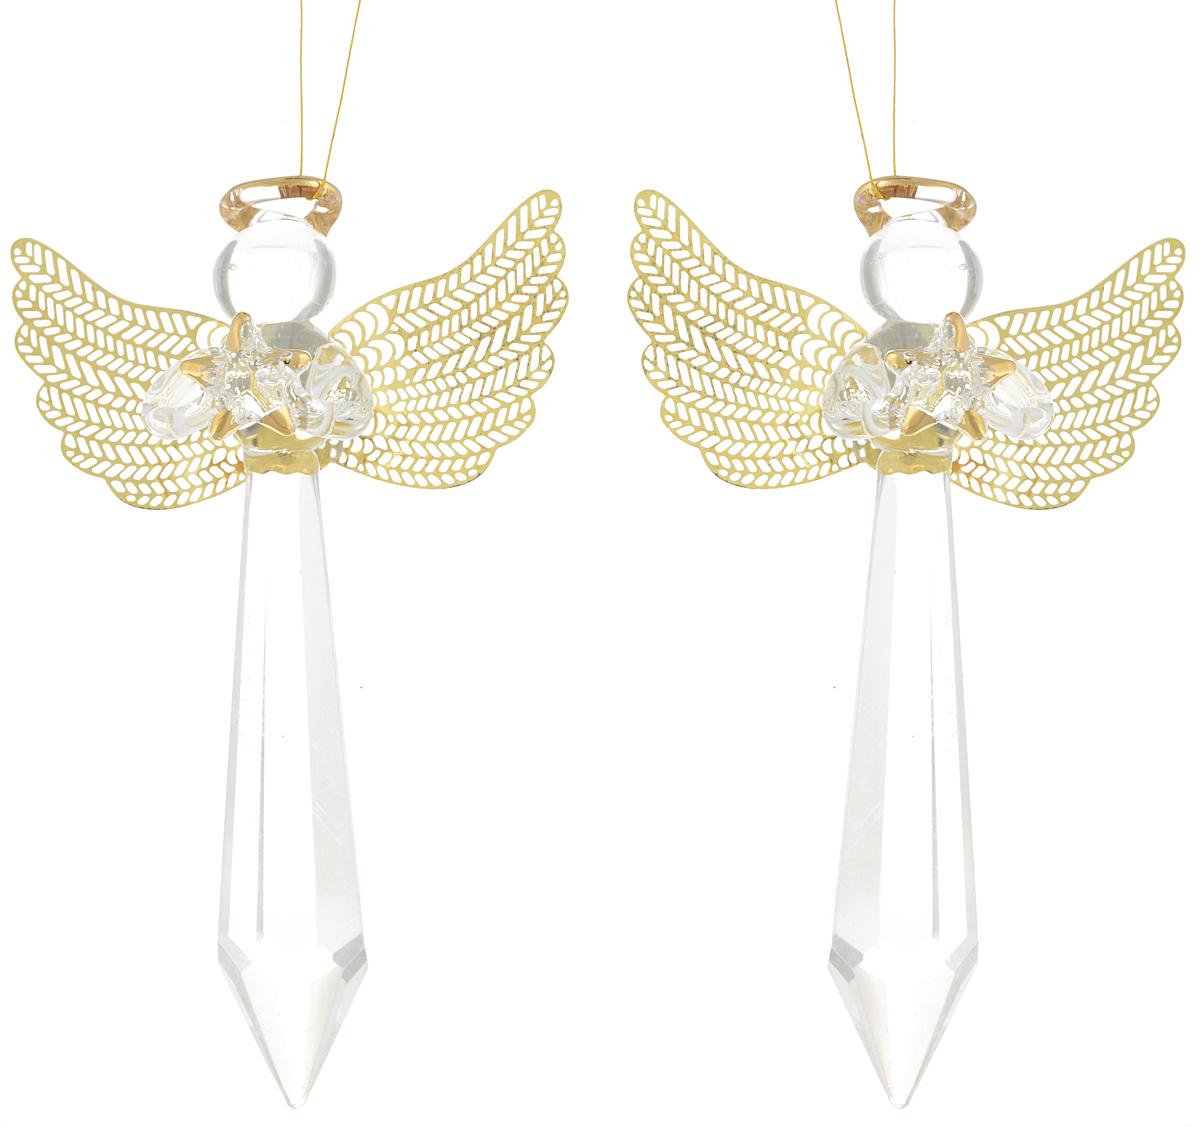 Украшение новогоднее подвесное Winter Wings Ангел, 10,5 х 6,5 х 3 см, 2 штN07730Новогоднее подвесное украшение Winter Wings Ангел прекрасно подойдет для праздничного декора новогодней ели. Изделия выполнены из высококачественного стекла. Набор состоит из двух фигурок в виде ангелов. Для удобного размещения на елке на украшениях предусмотрены веревочки.Елочная игрушка - символ Нового года. Она несет в себе волшебство и красоту праздника. Создайте в своем доме атмосферу веселья и радости, украшая новогоднюю елку нарядными игрушками, которые будут из года в год накапливать теплоту воспоминаний. Откройте для себя удивительный мир сказок и грез. Почувствуйте волшебные минуты ожидания праздника, создайте новогоднее настроение вашим дорогим и близким.Количество украшений: 2 шт.Размер украшения: 10,5 х 6,5 х 3 см.